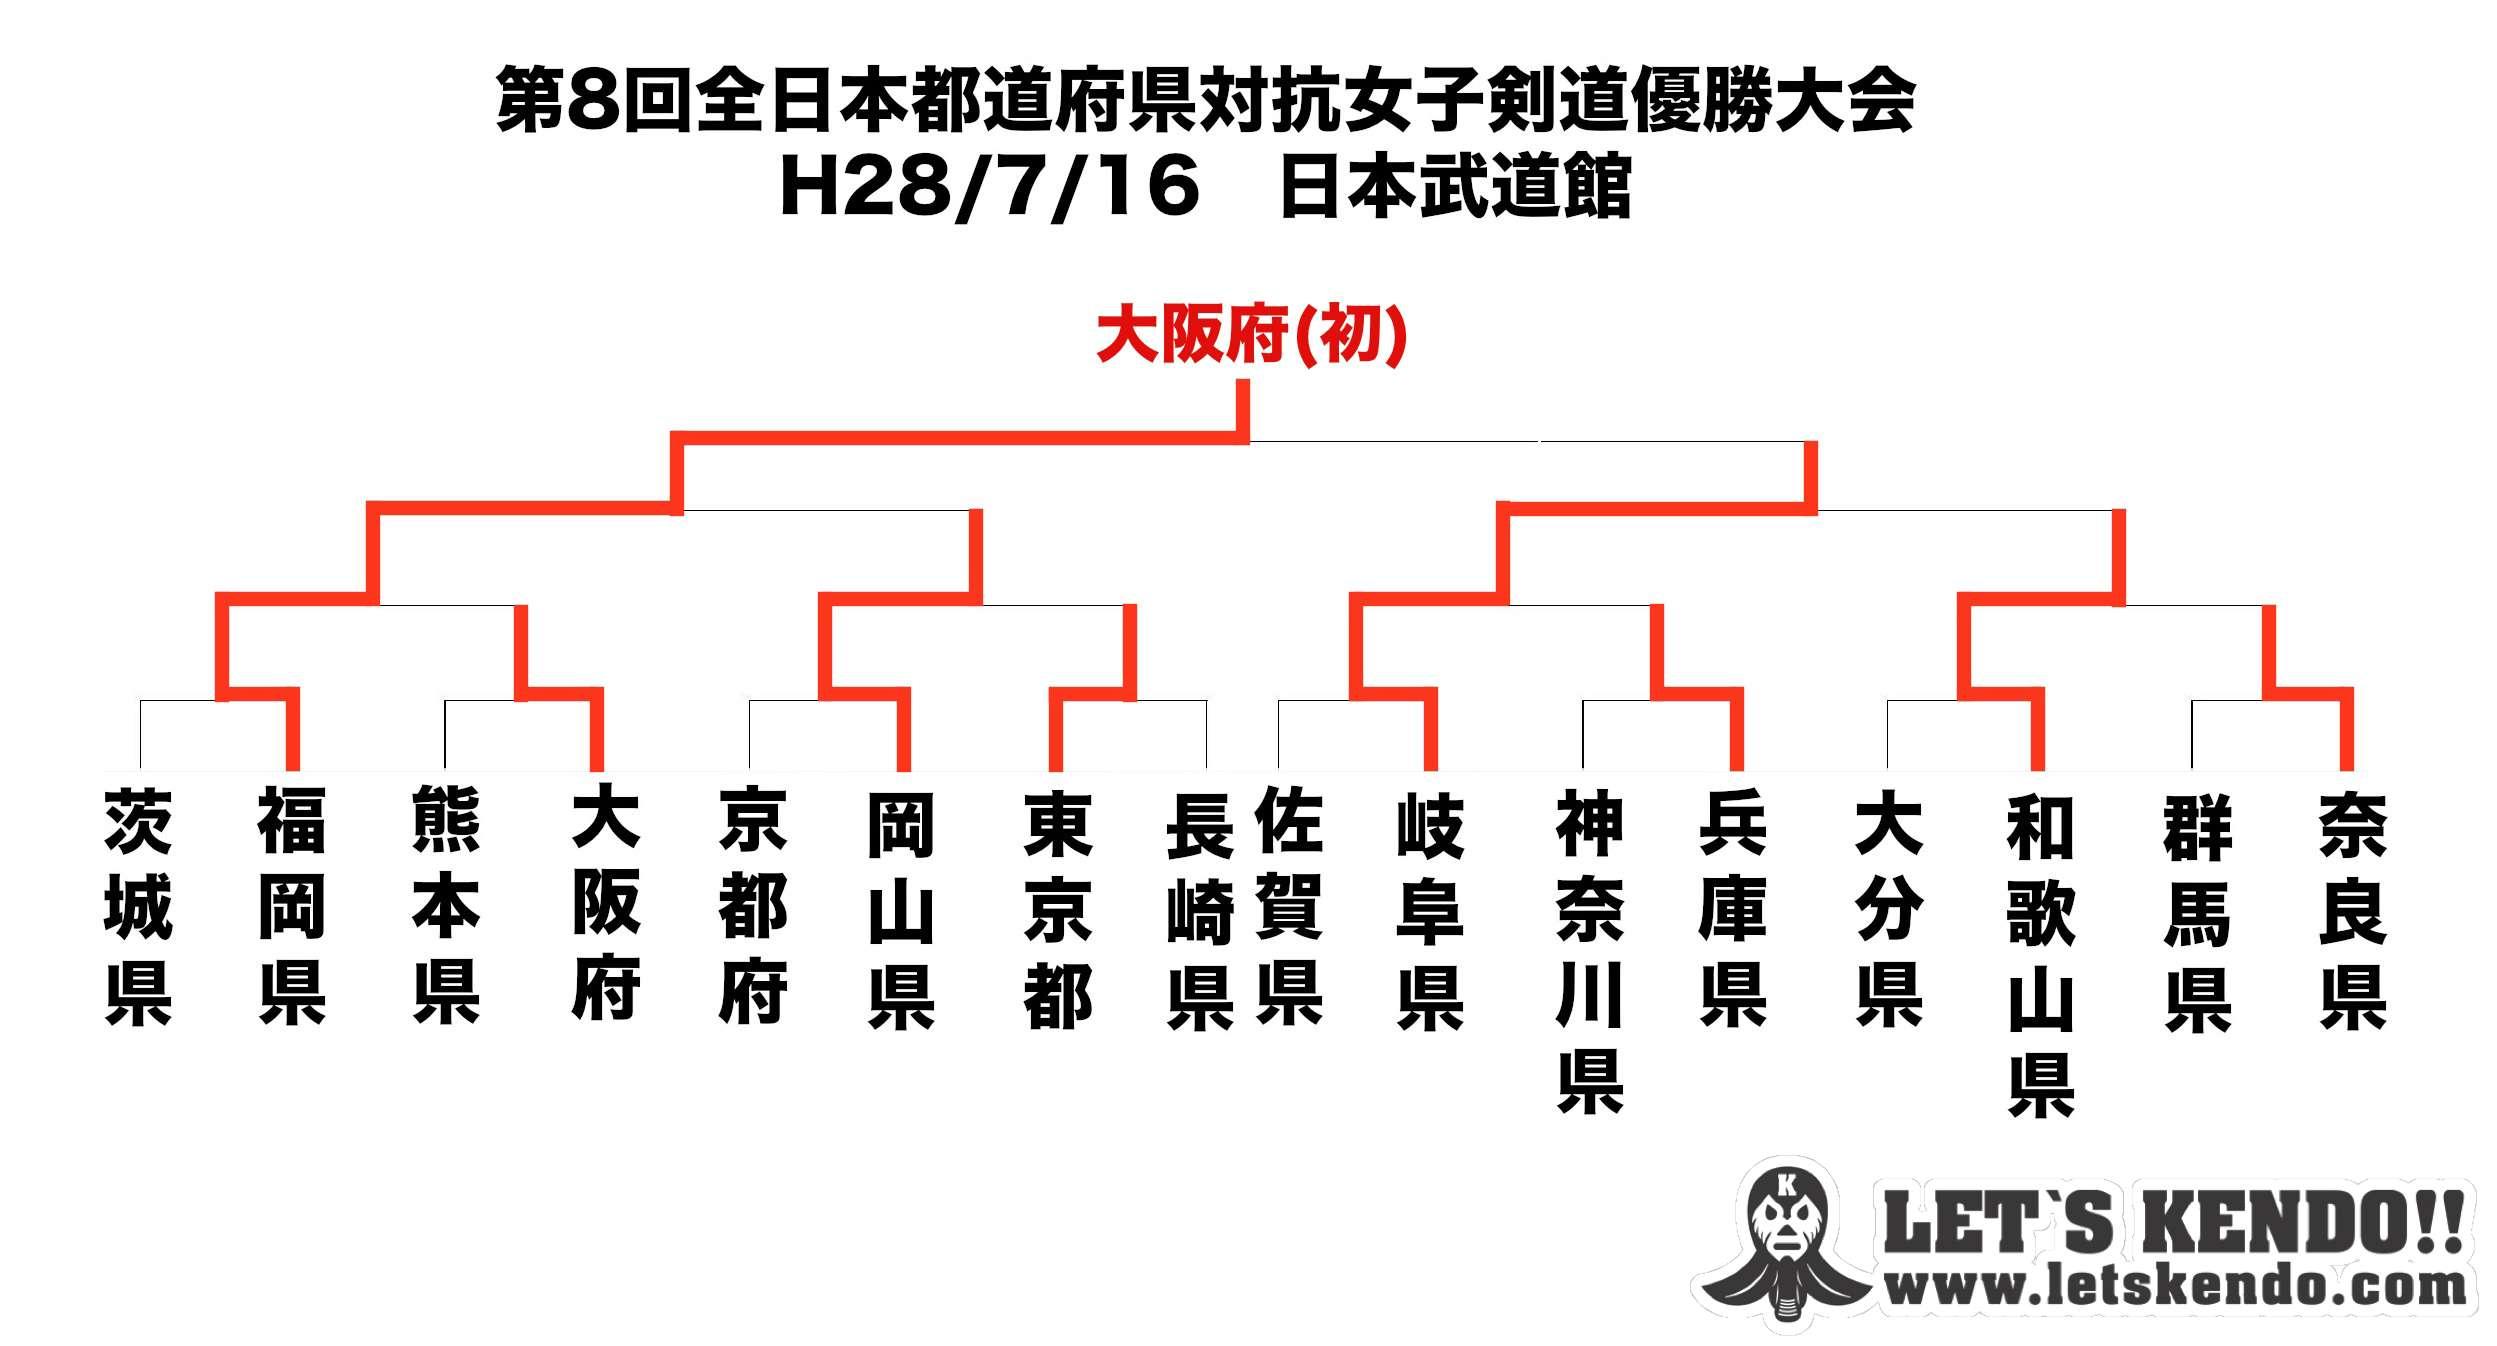 H28todofuken_kendo_best16_2